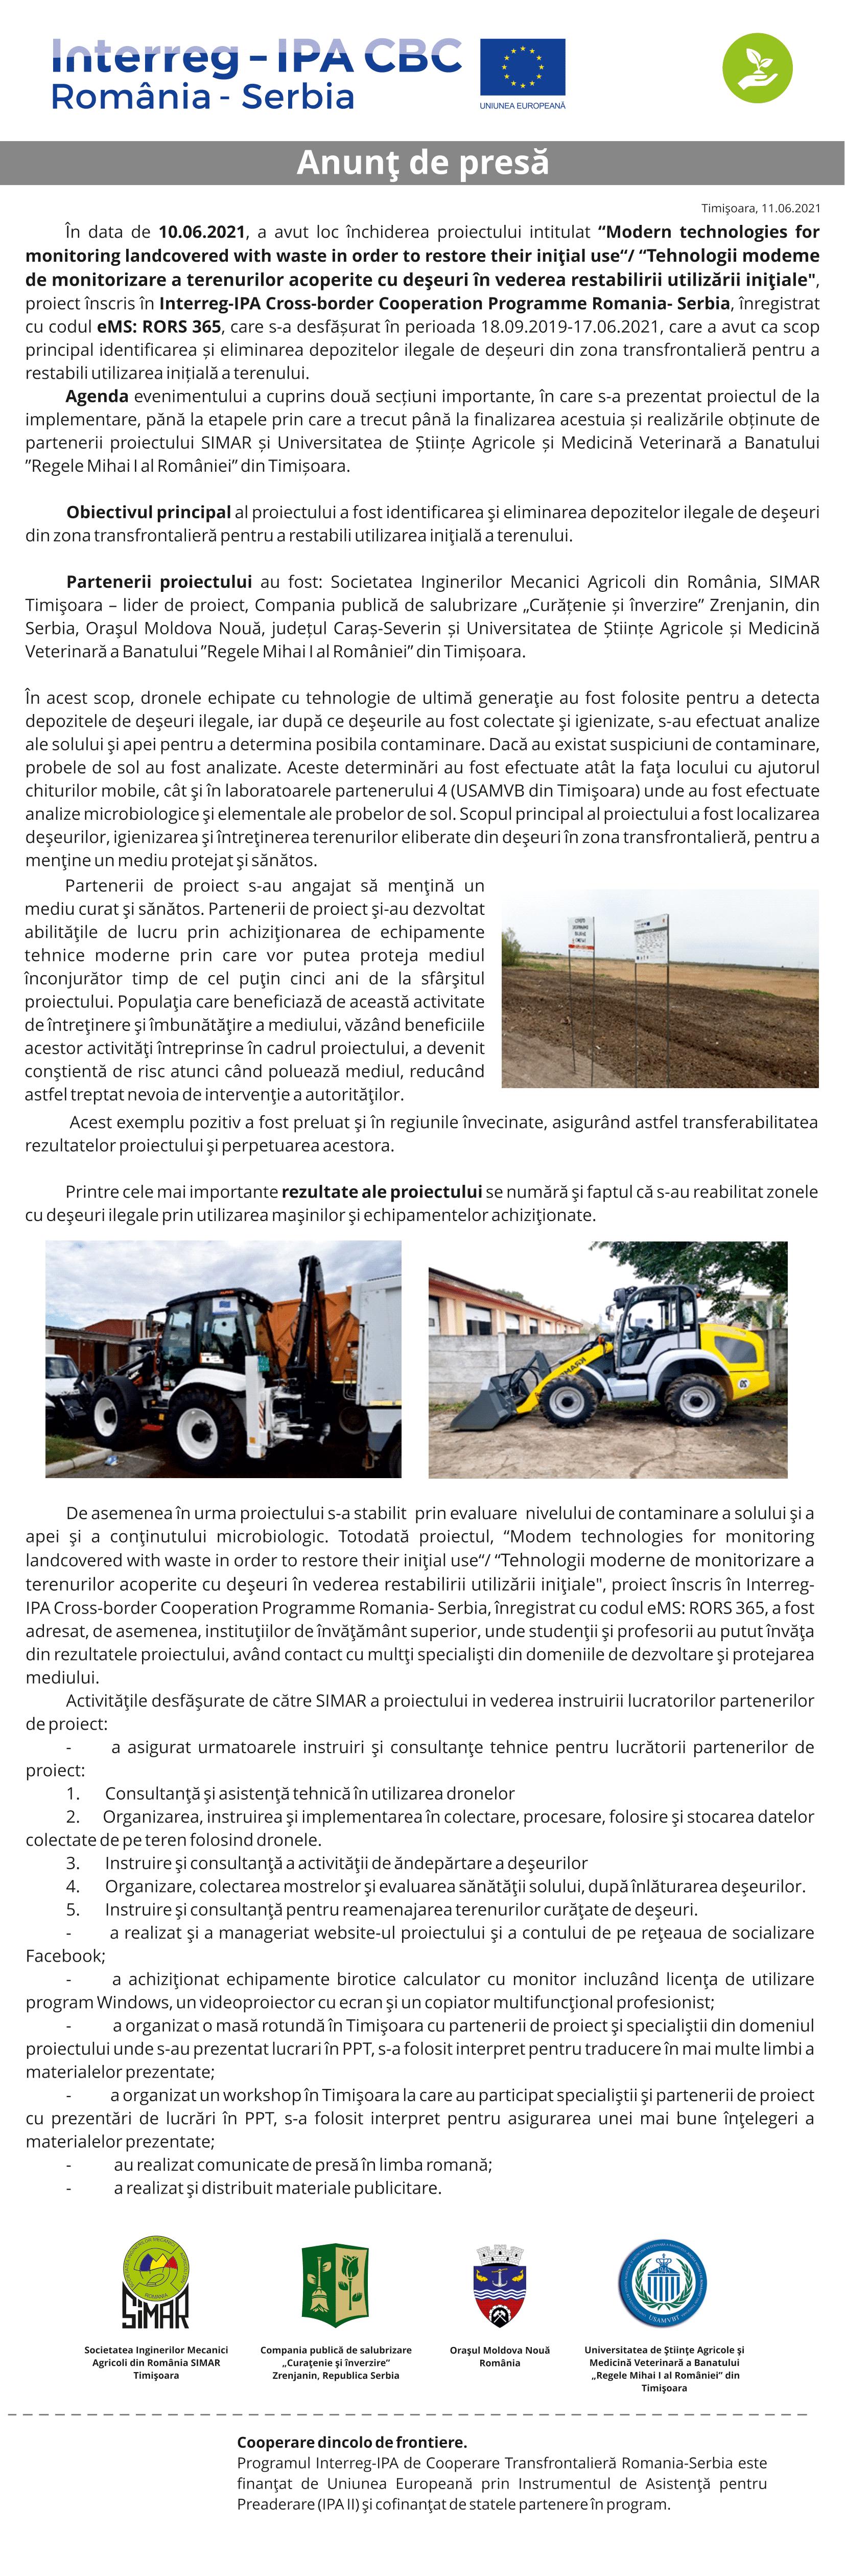 anunt de pr- articol 2 - 11.06-1